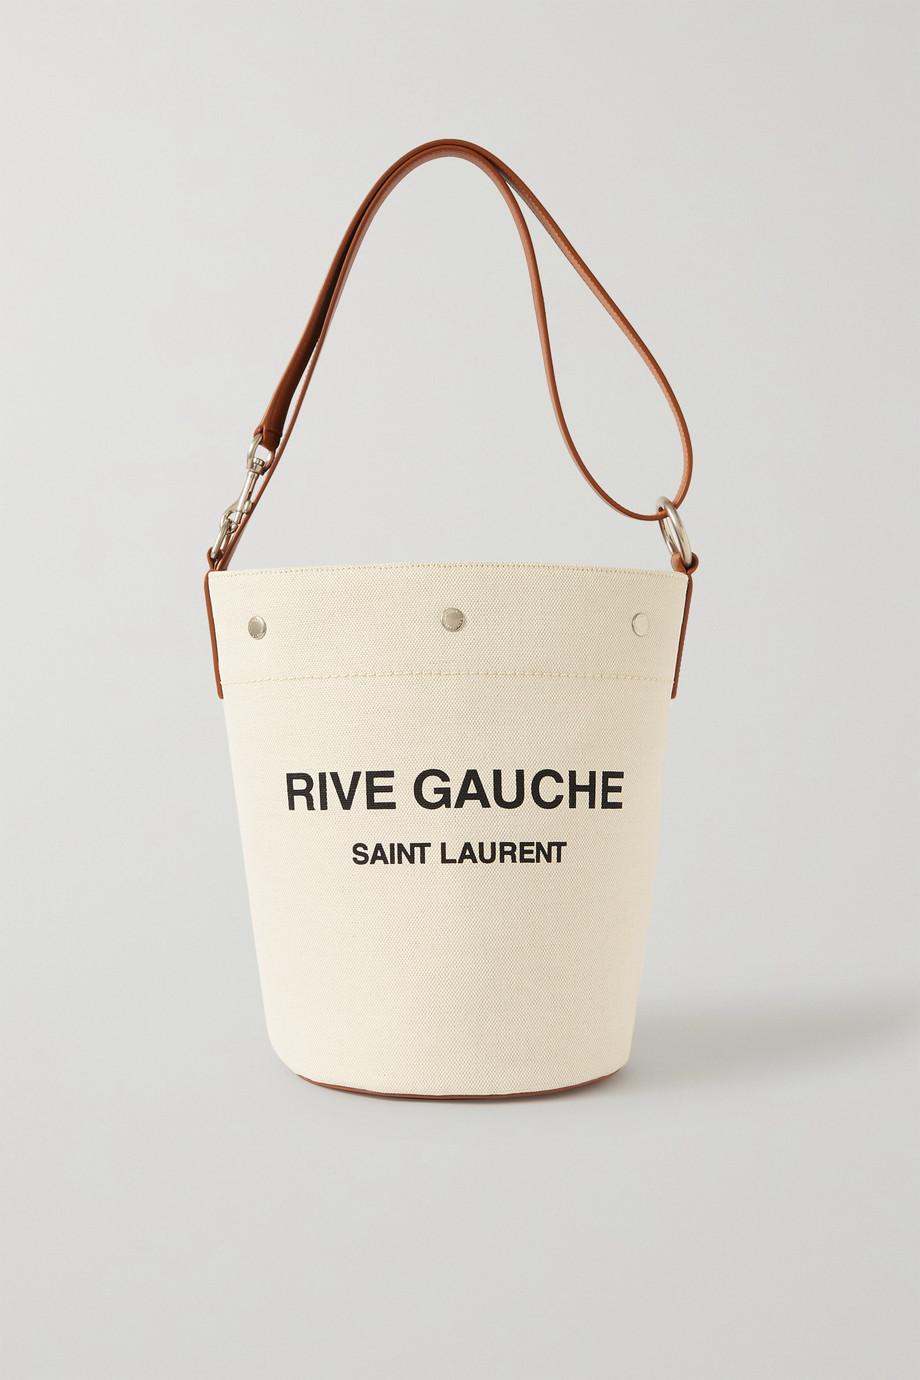 SAINT LAURENT Sac seau en toile de coton imprimée à finitions en cuir Rive Gauche